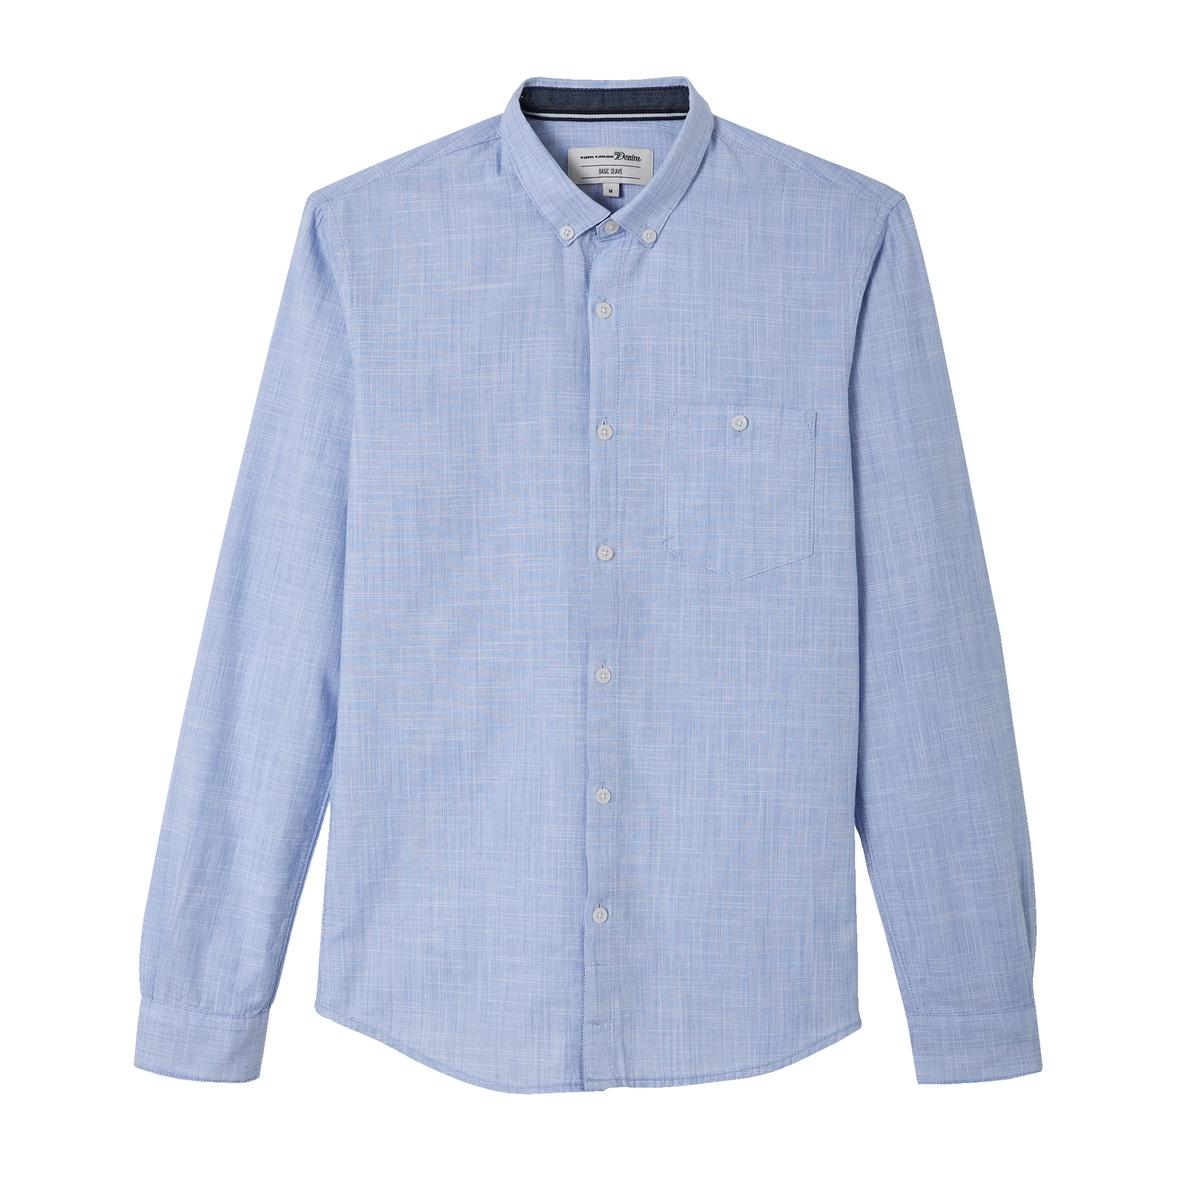 Рубашка однотонная с длинными рукавами blazer sir raymond tailor пиджаки и жакеты длинные